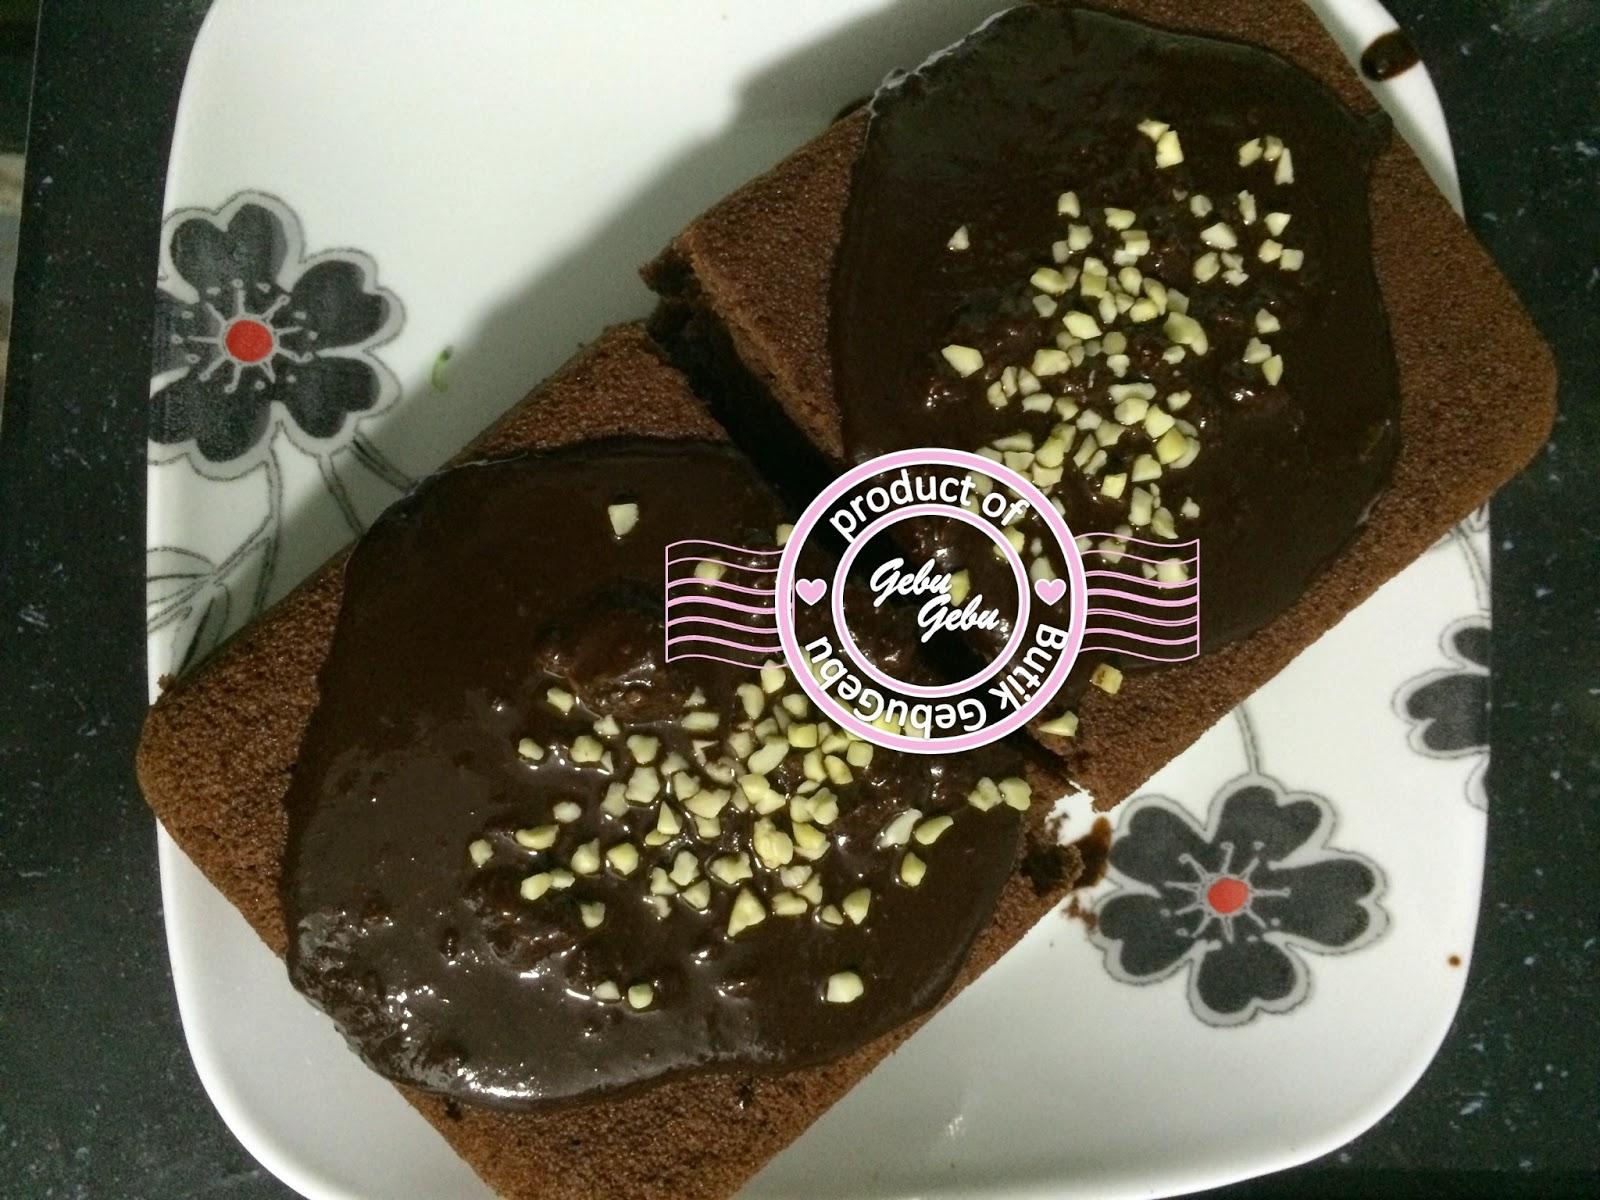 resepi kek colat sihat  telur  anak tersayang Resepi Kek Coklat Tanpa Telur dan Cuka Enak dan Mudah